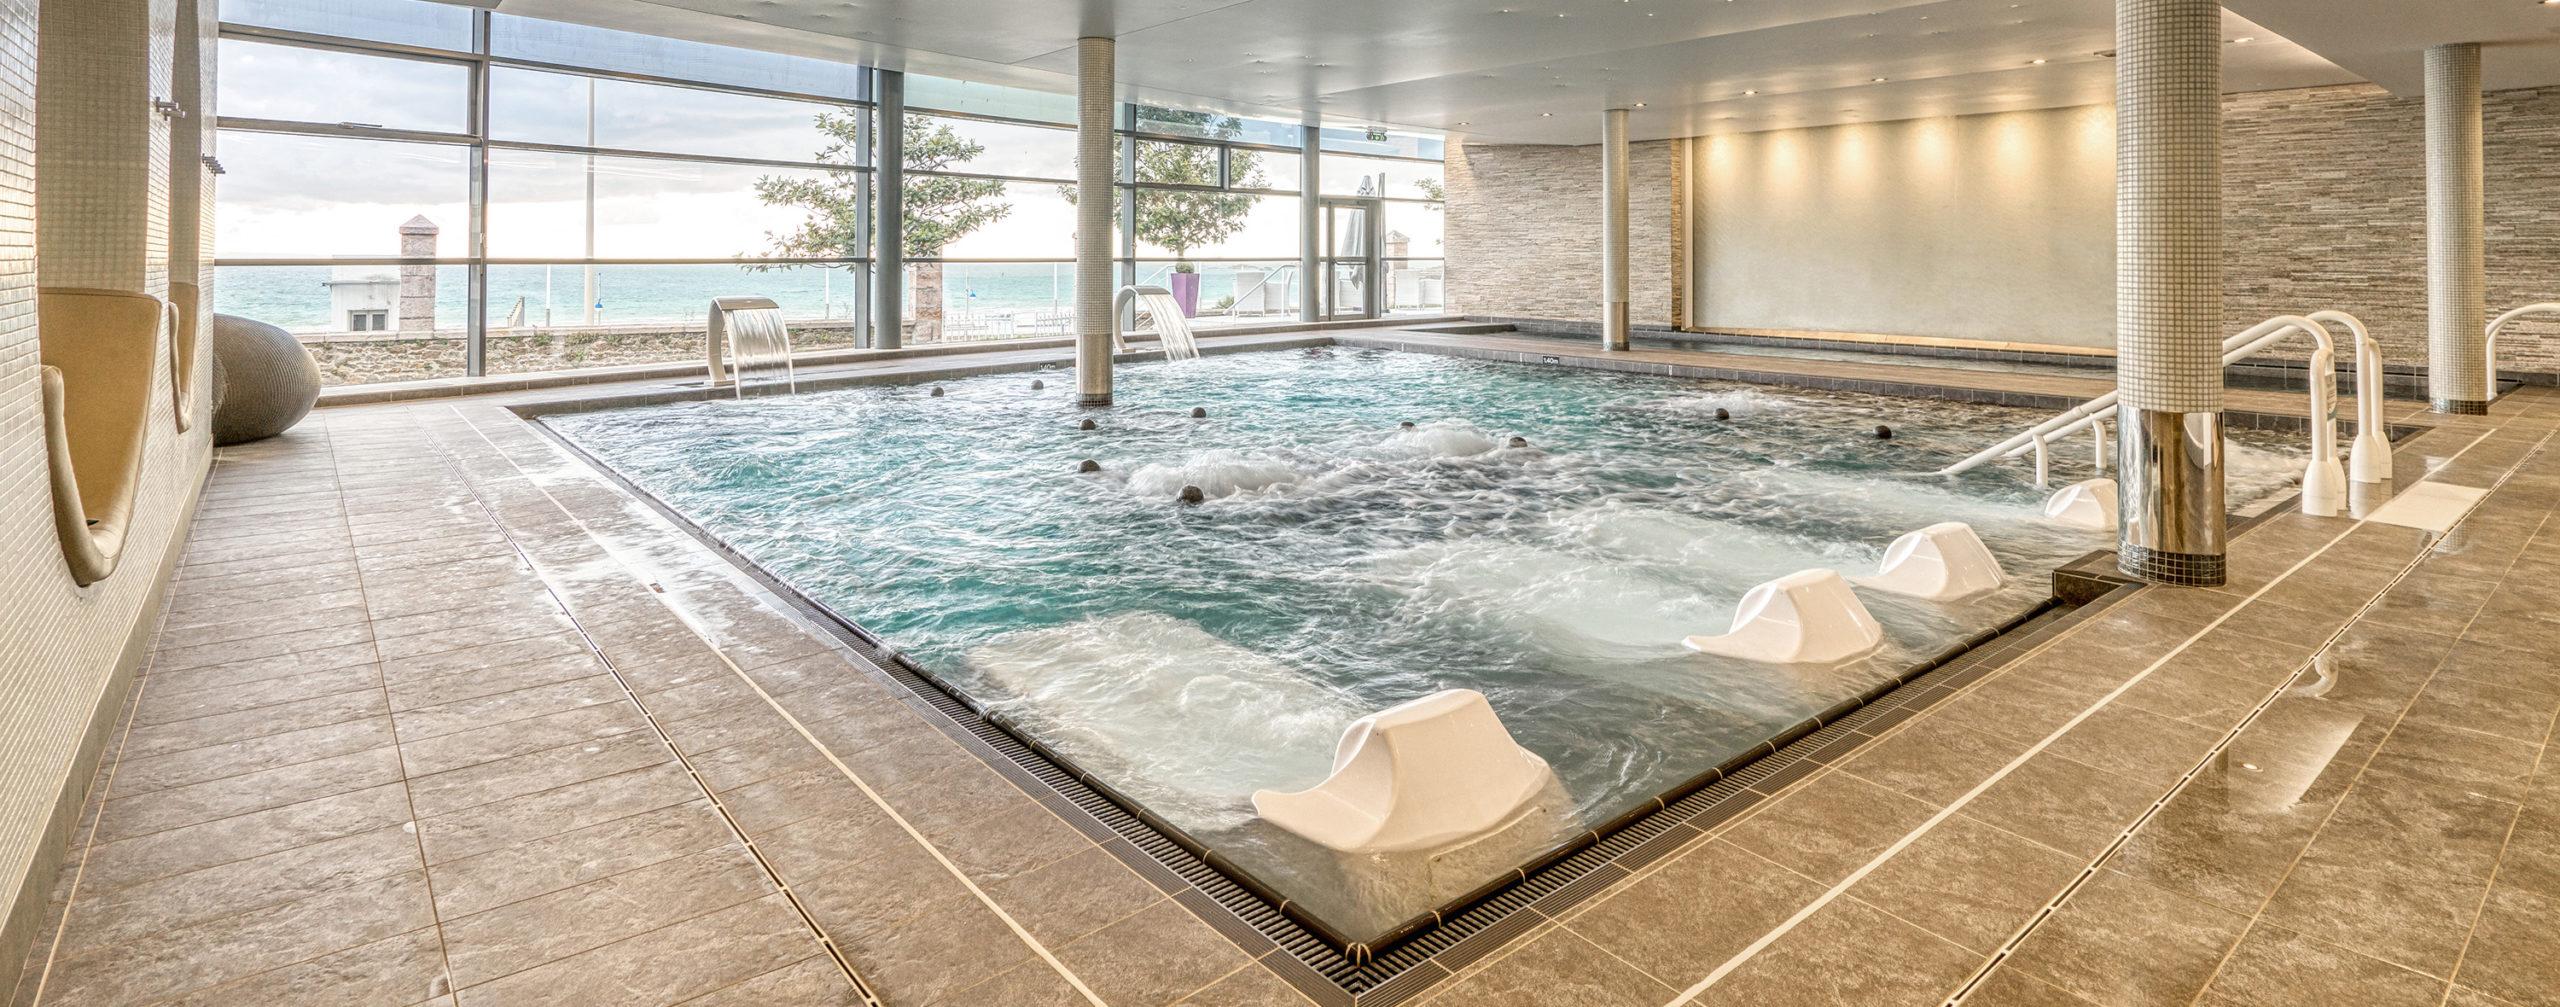 image d'une piscine avec vue sur mer